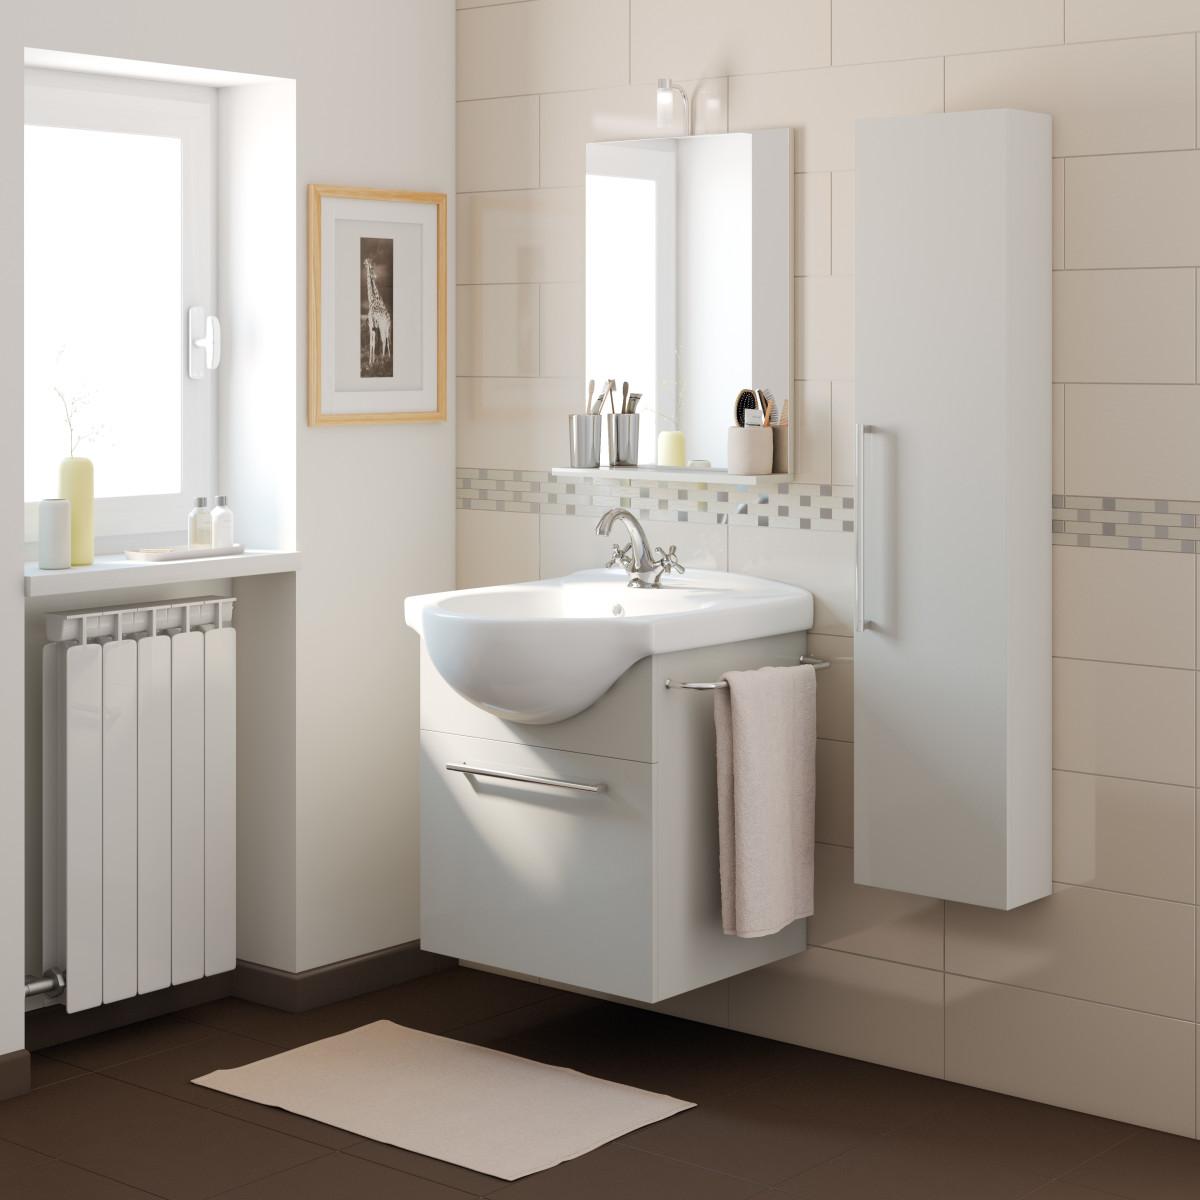 Lavandini bagno leroy merlin decora la tua vita - Leroy merlin sanitari bagno ...